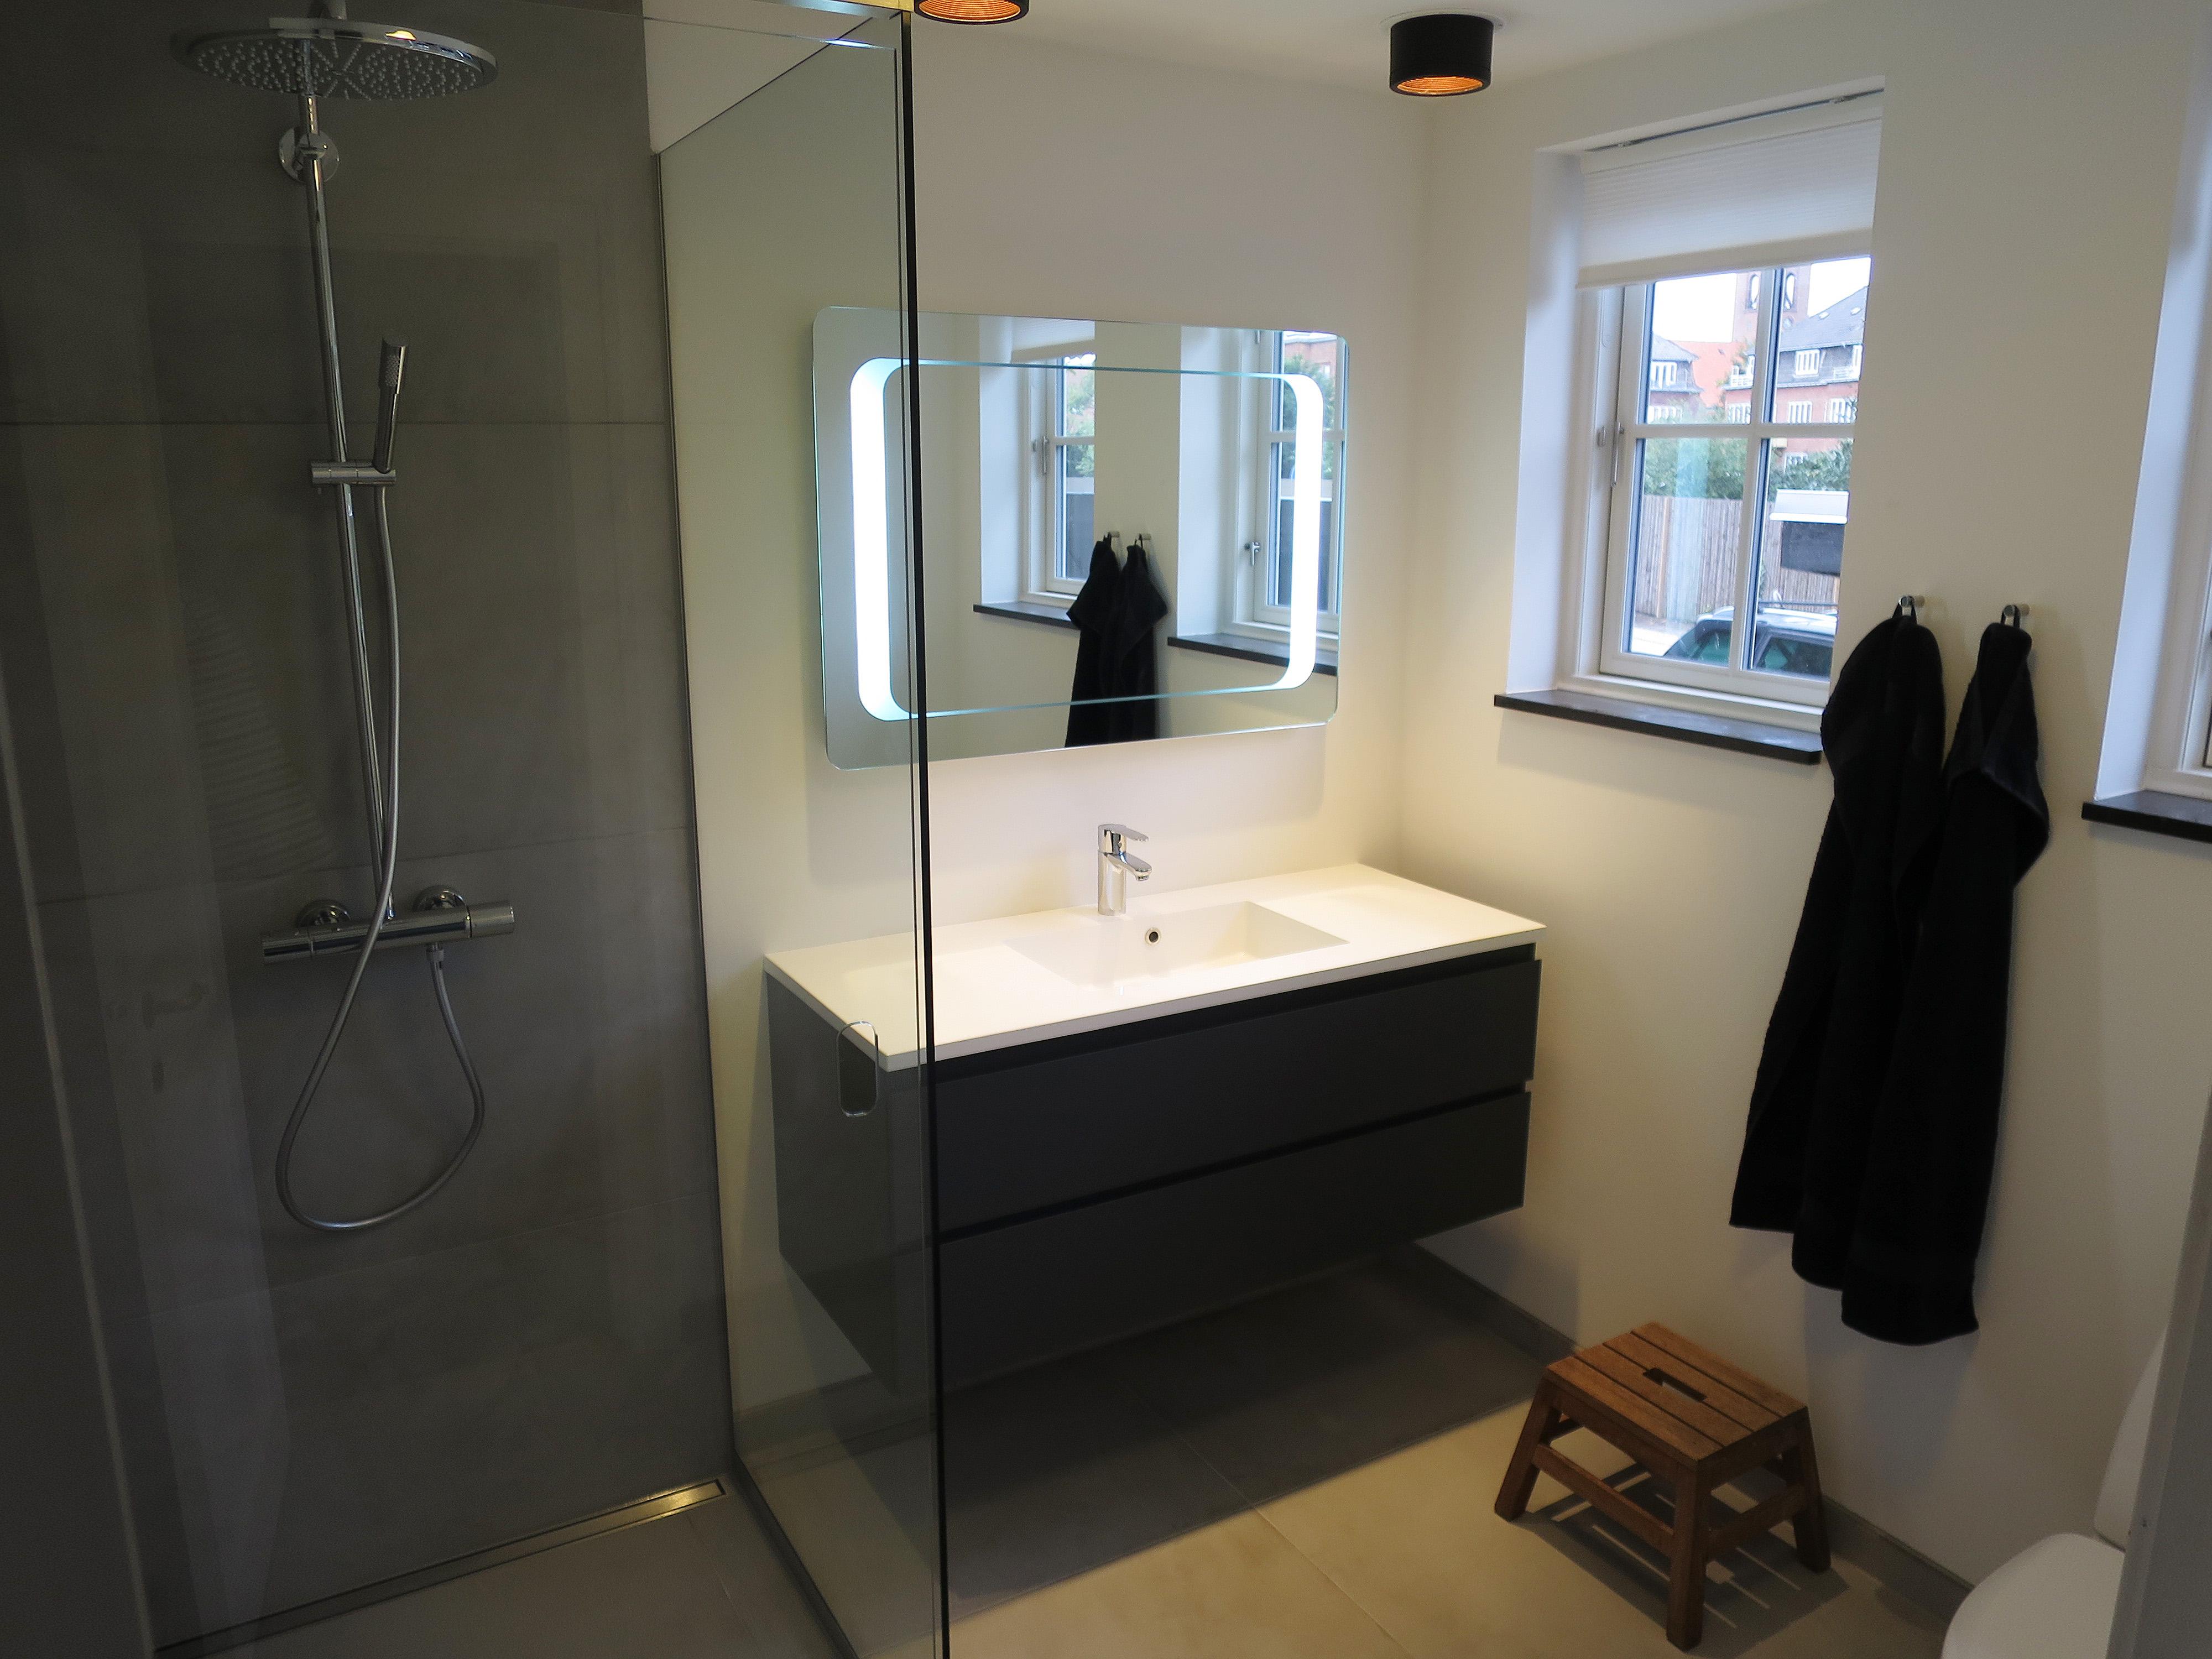 nyt badeværelse gør det selv